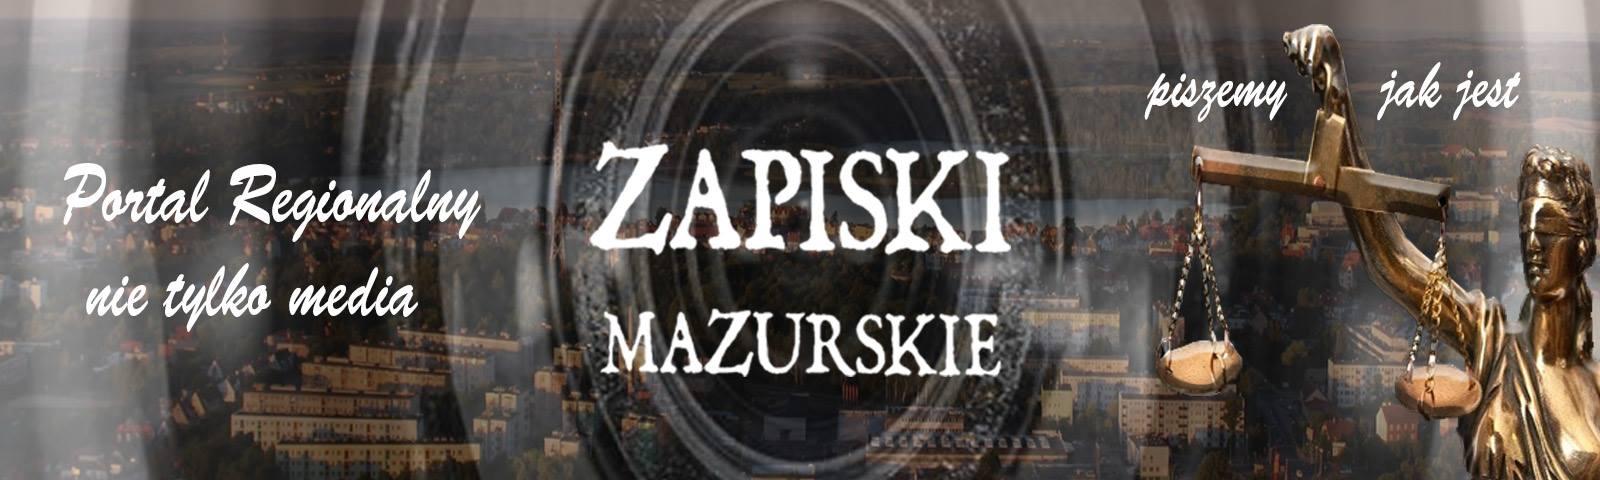 Zapiski Mazurskie - Wiadomości z Warmii i Mazur